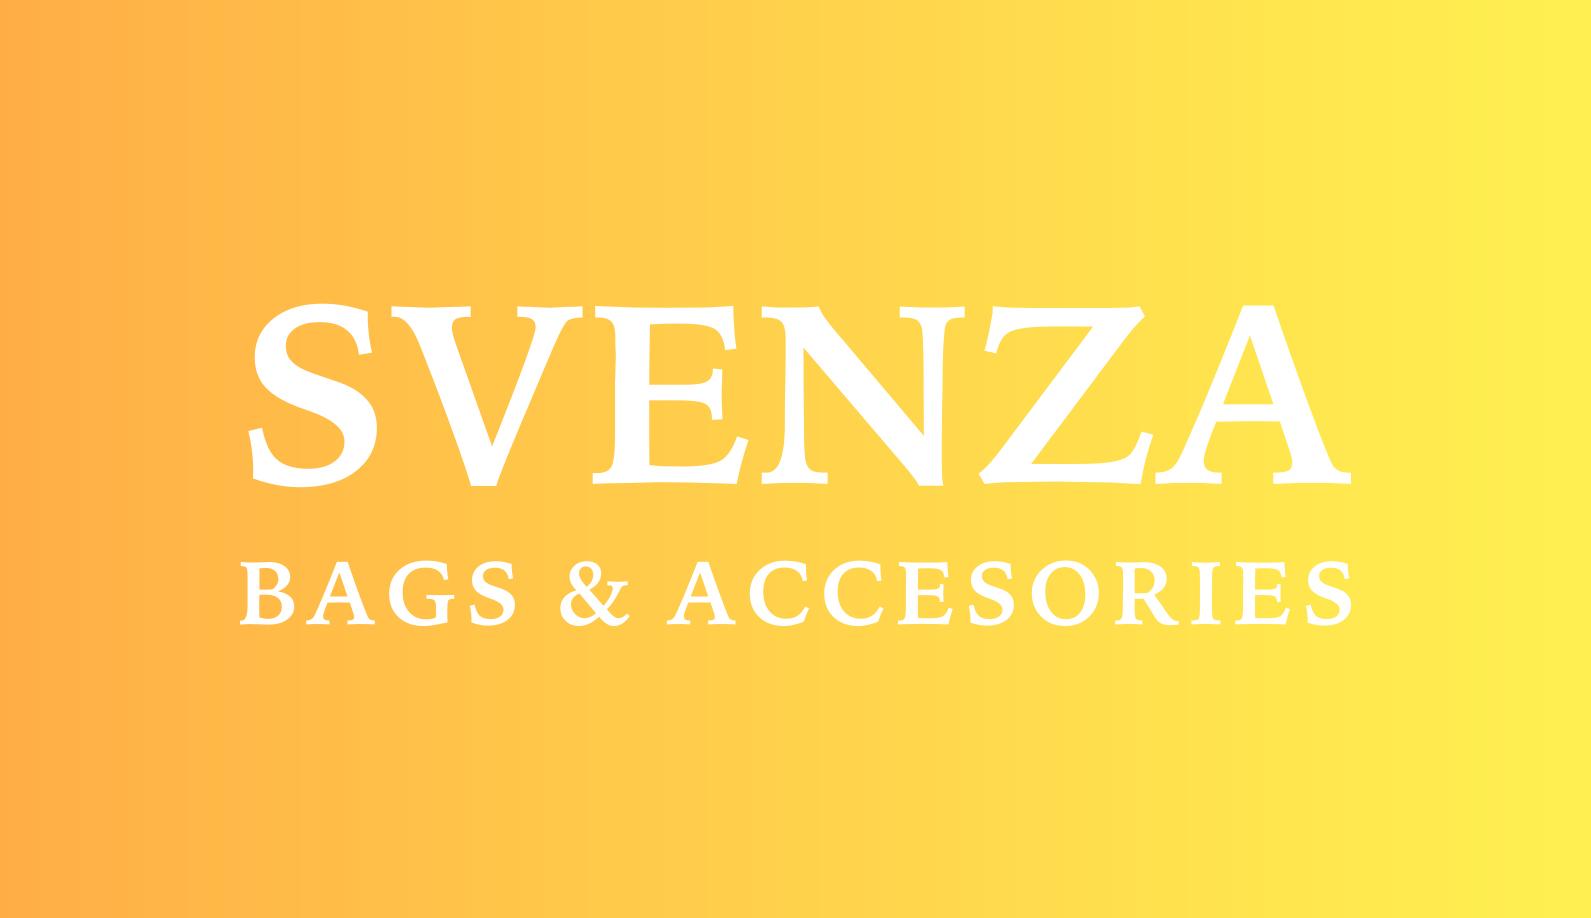 Svenza Bags